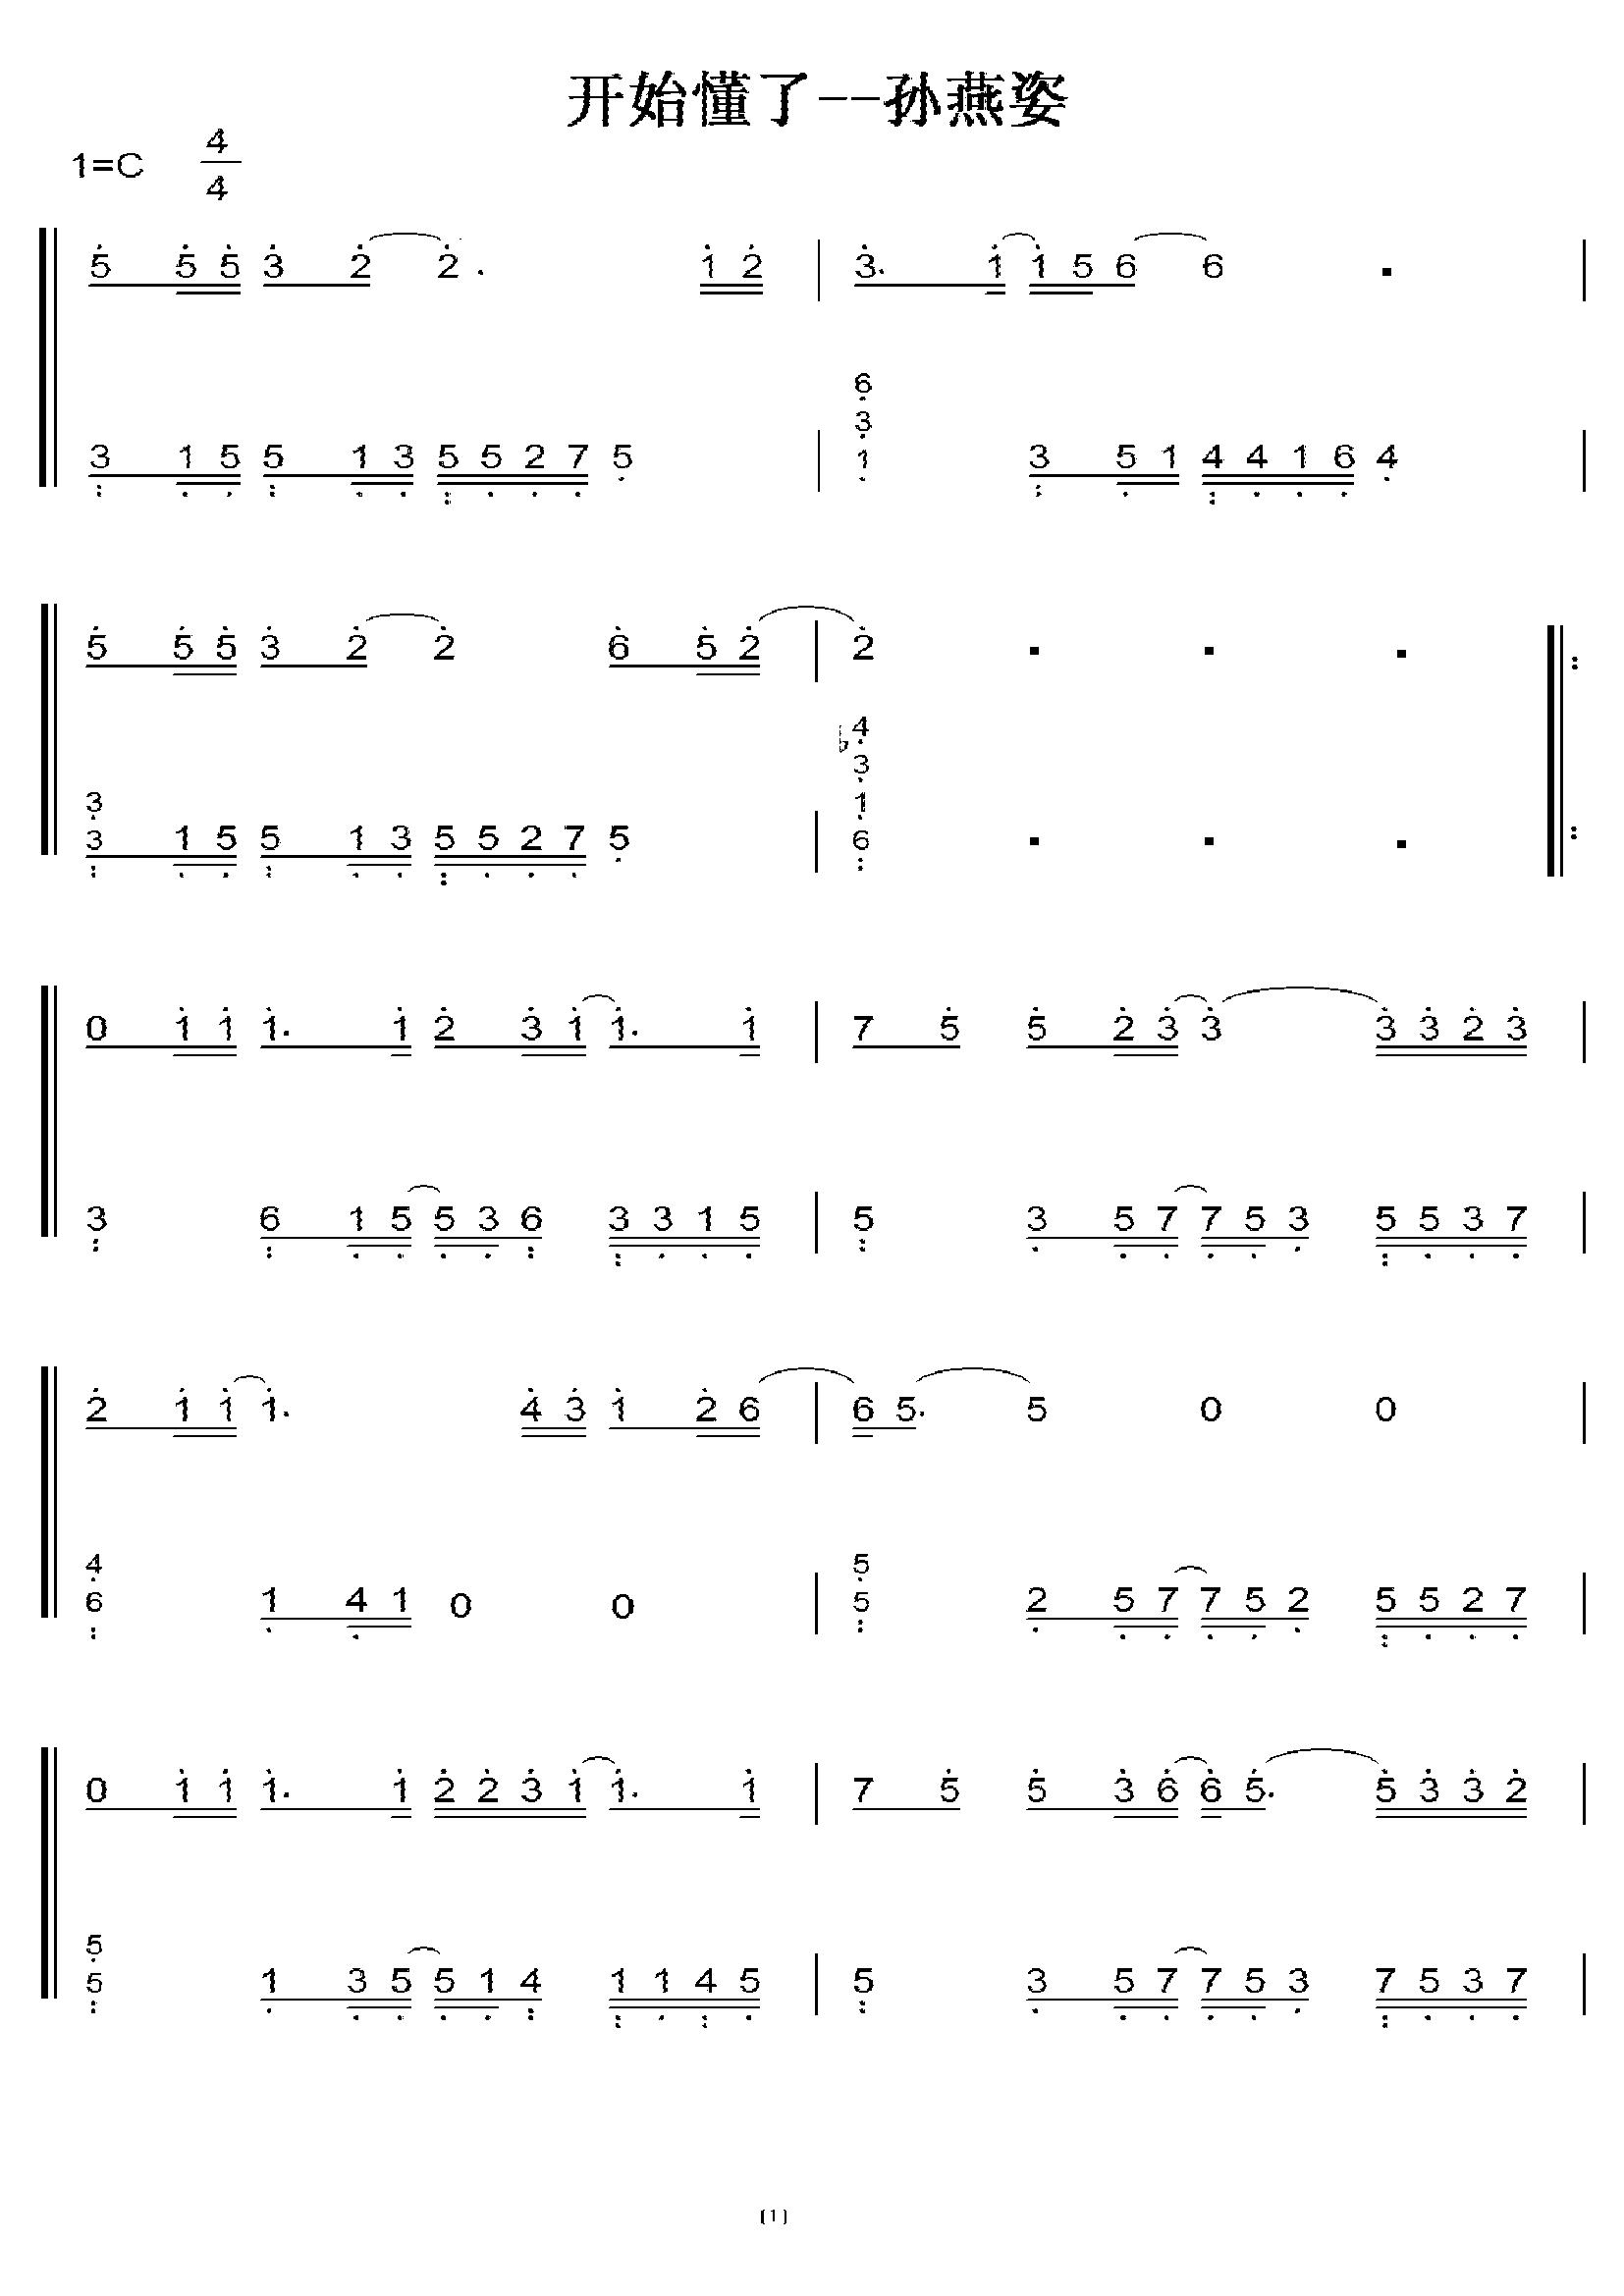 孙燕姿 开始懂了 初学者c调简易版 钢琴双手简谱 钢琴图片